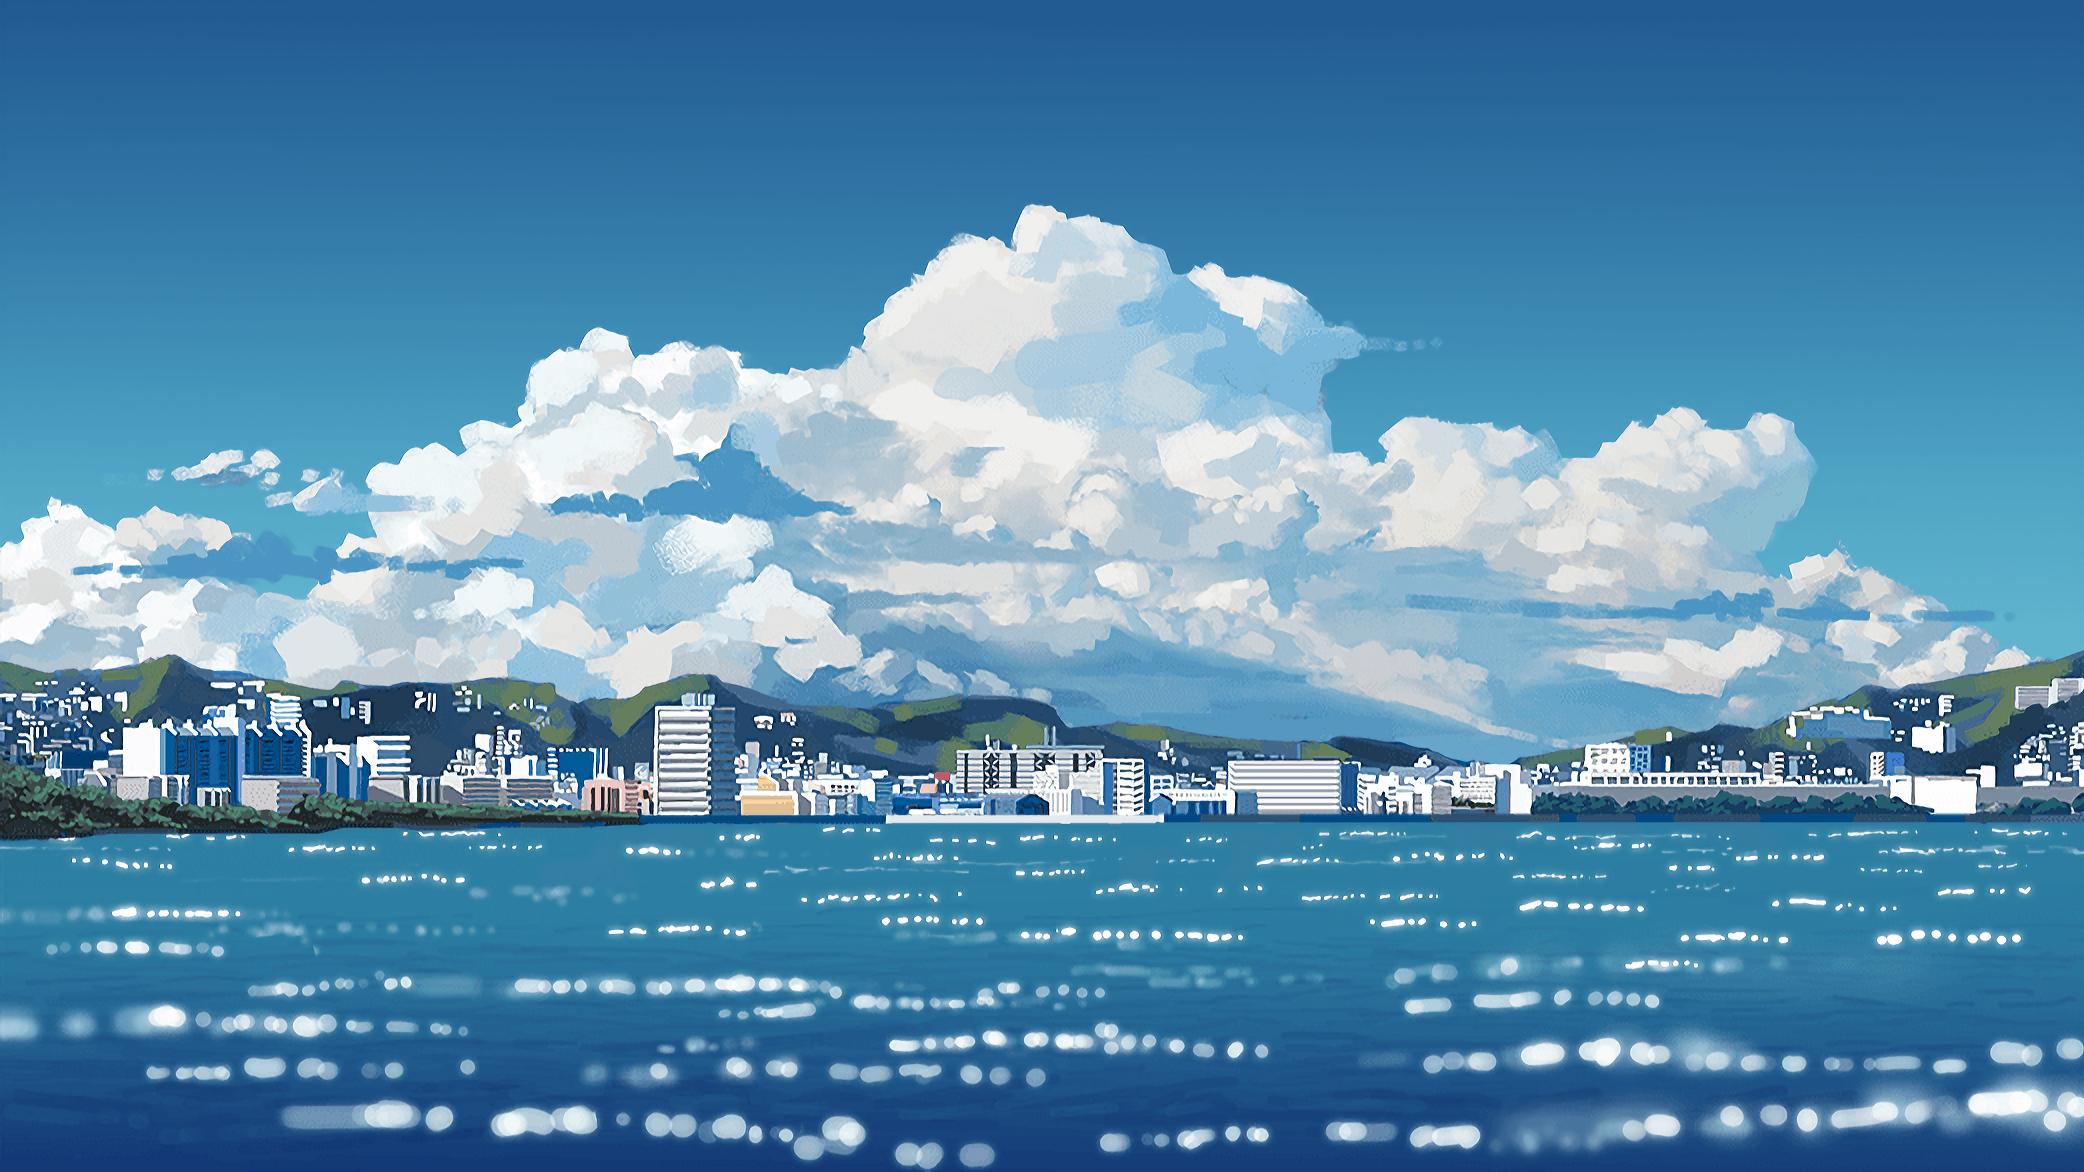 Jun Wei Makoto Shinkai 2084x1172 Anime Wallpaper Makoto Shinkai 1431800 Hd Wallpaper Backgrounds Download